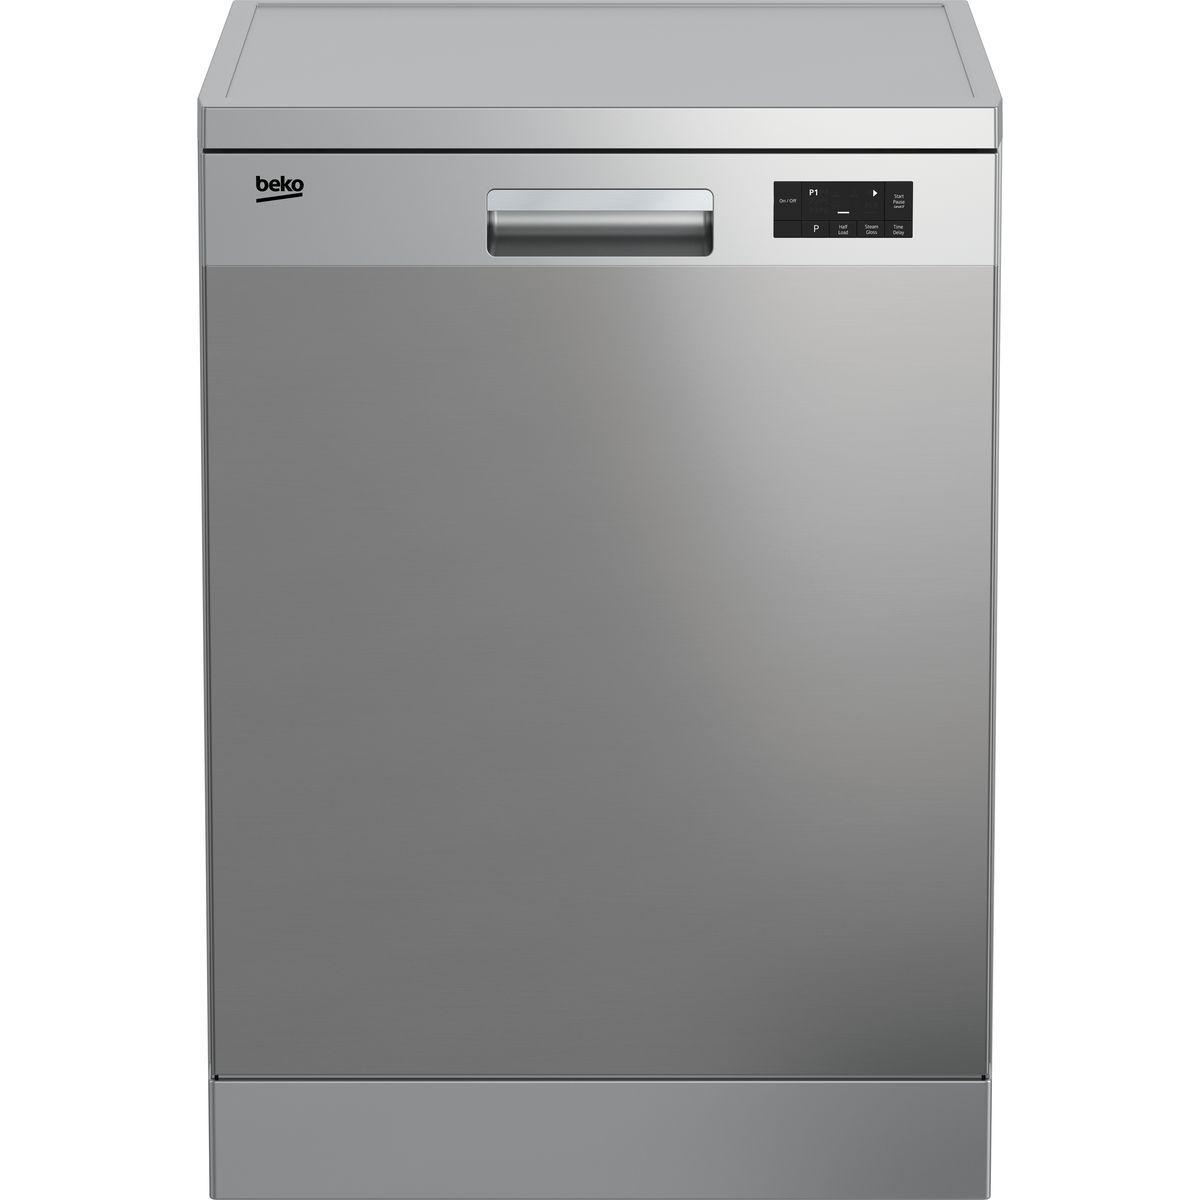 Lave vaisselle pose libre DFN15420X, 14 couverts, 60 cm, 46 dB, 6 programmes